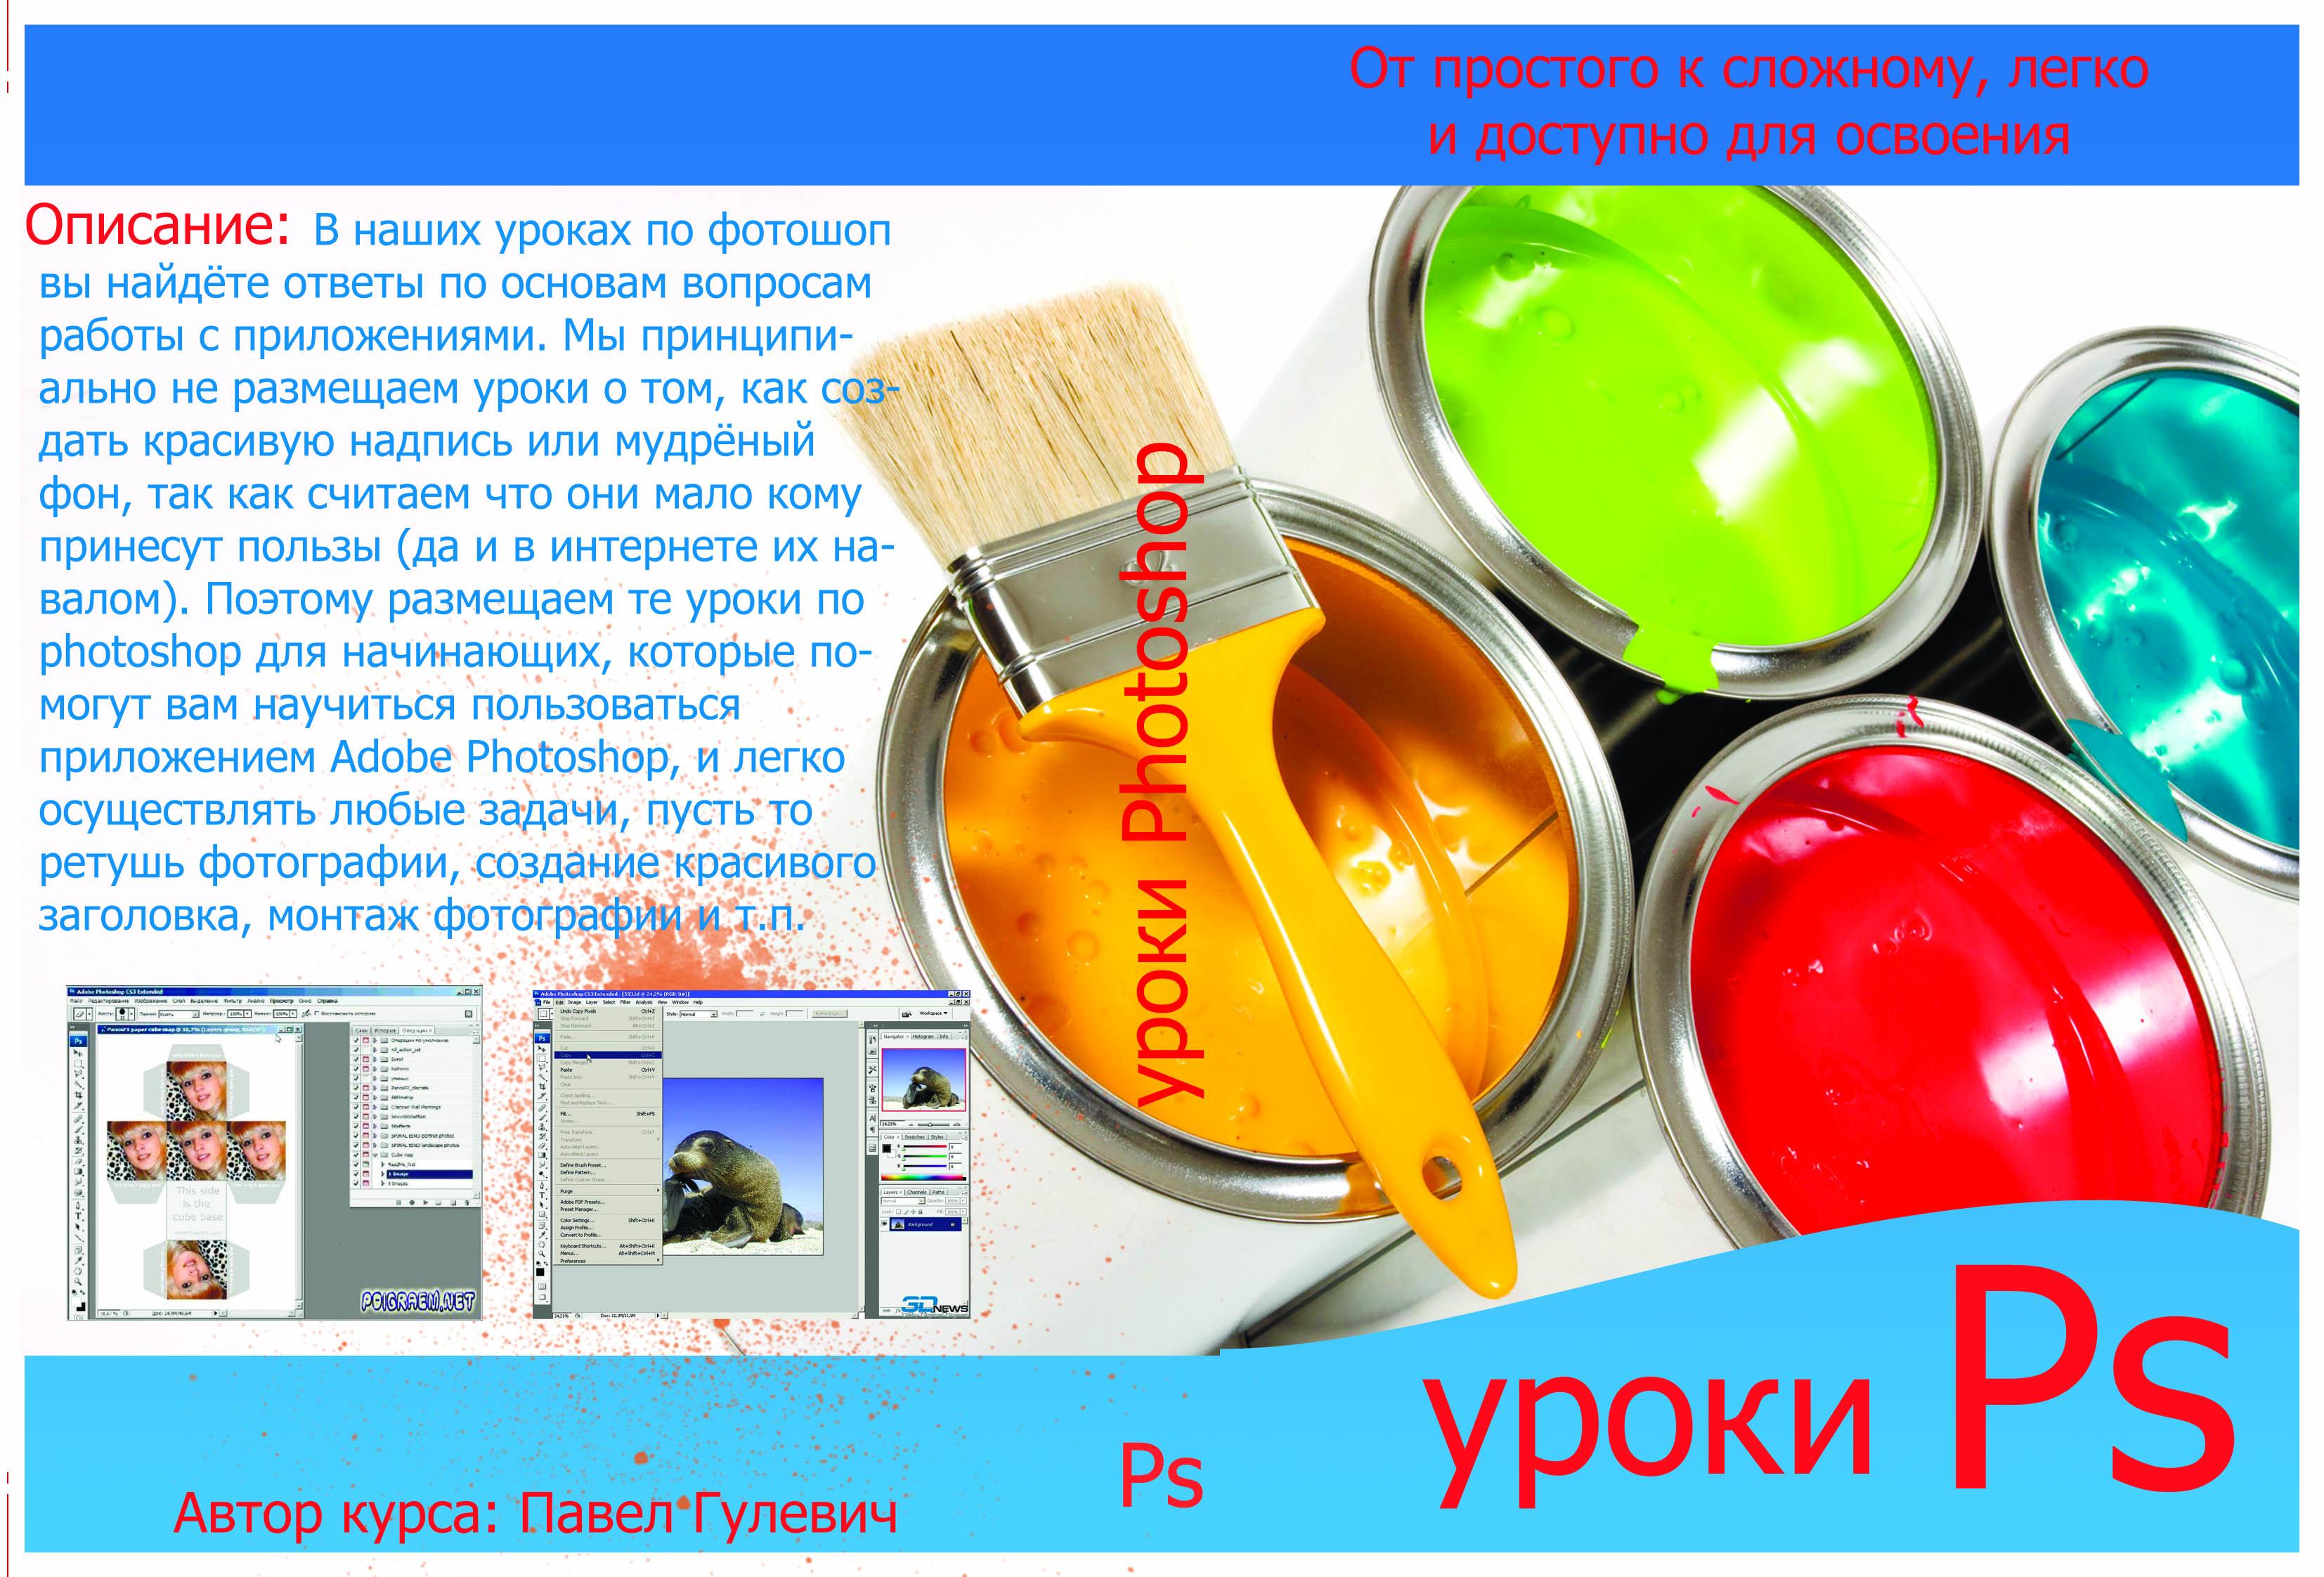 Создание дизайна DVD релиза (обложка, накатка, меню и т.п.) фото f_4d8c29cd7cfbc.jpg